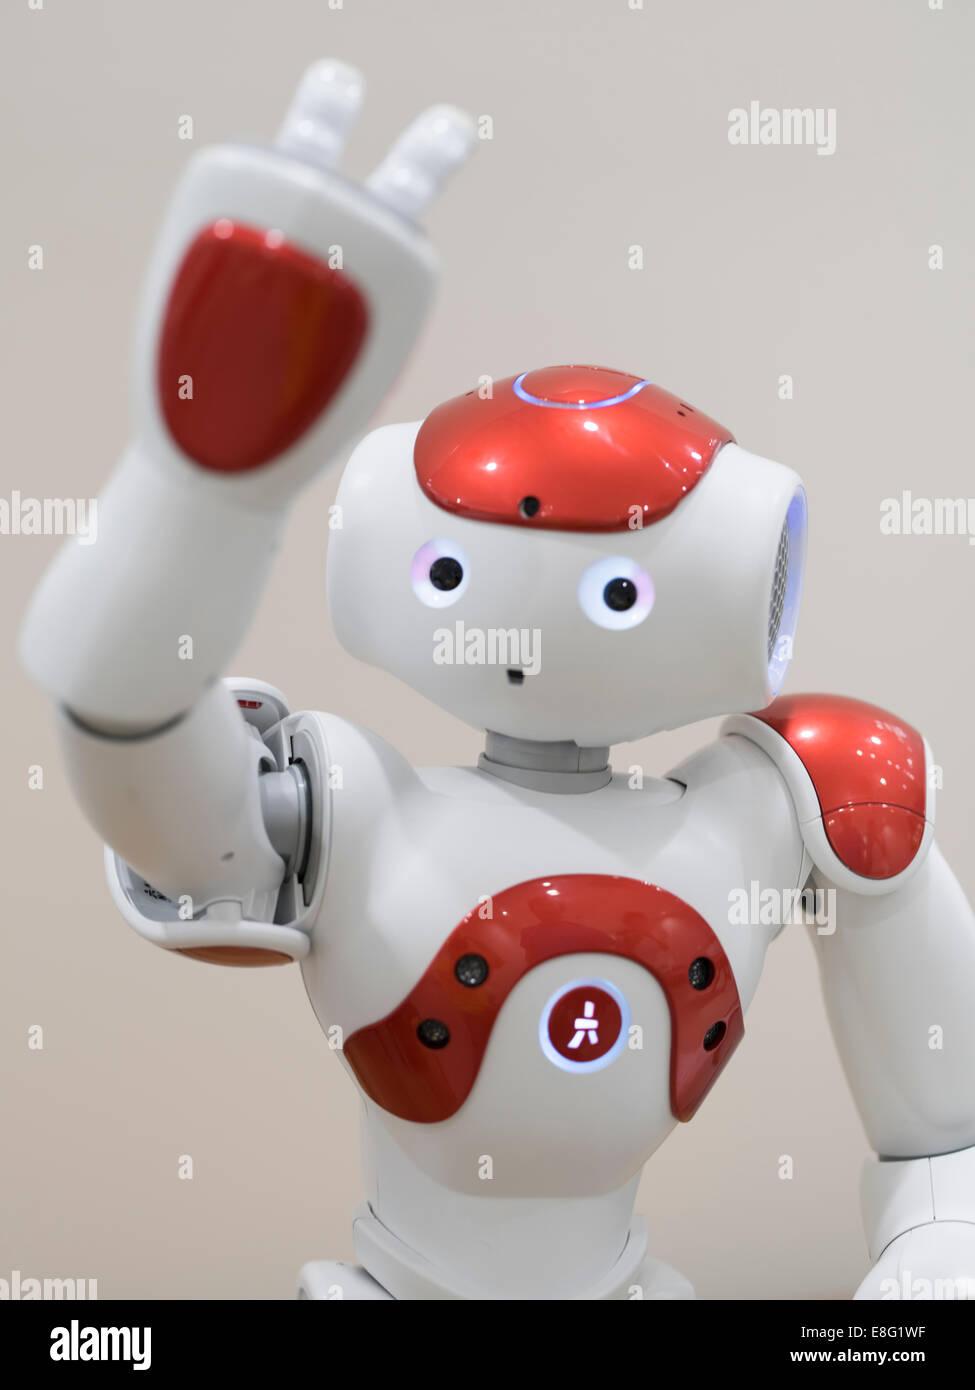 Aldebaran Nao Robot Stock Photos & Aldebaran Nao Robot Stock